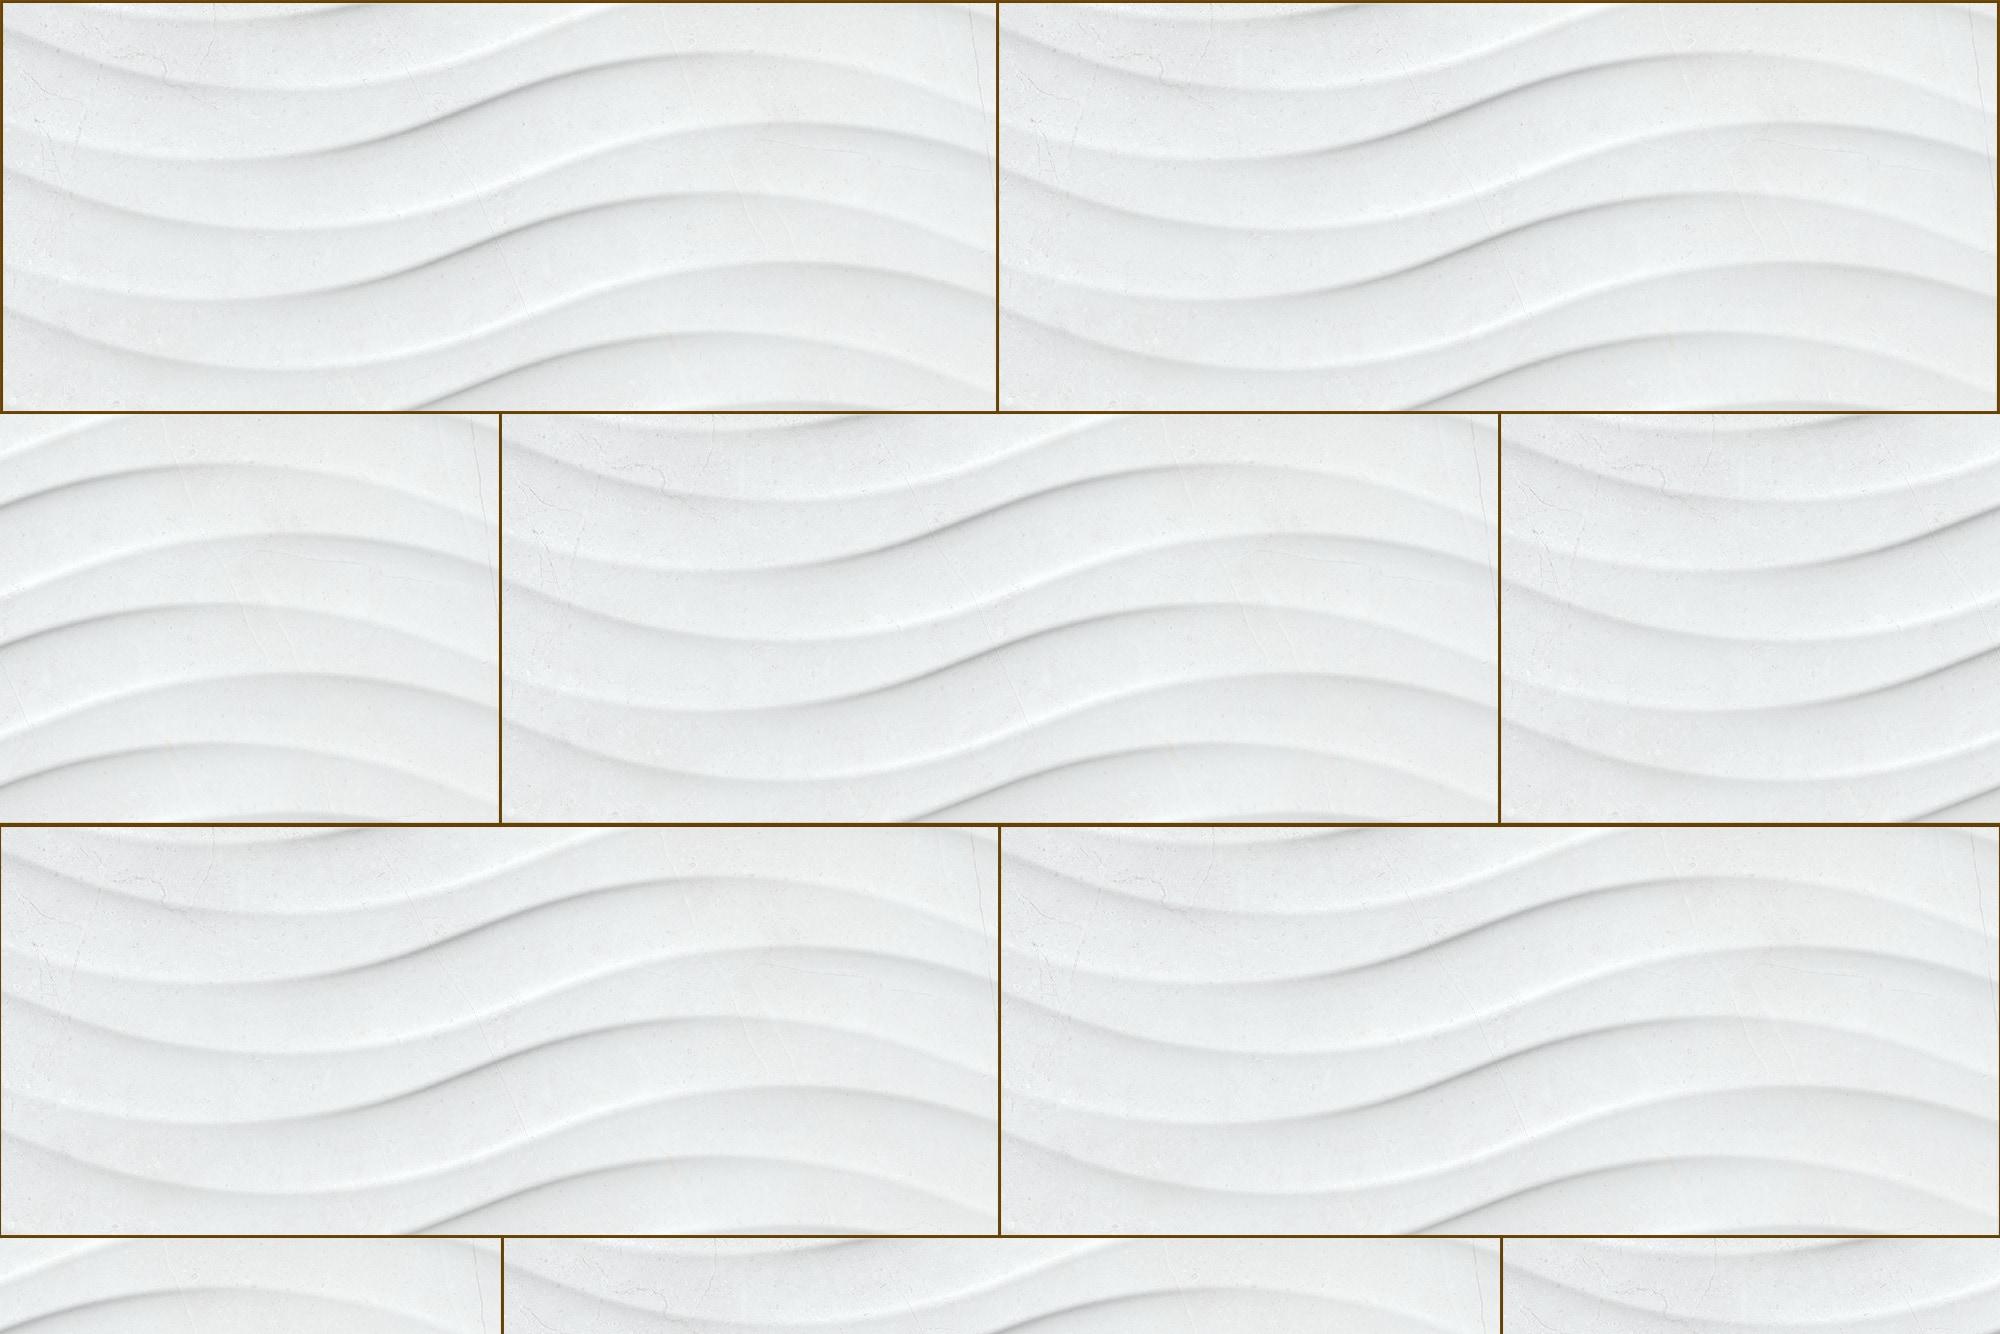 Pearl Bend / 10x30 Olympus - Oceanus 0